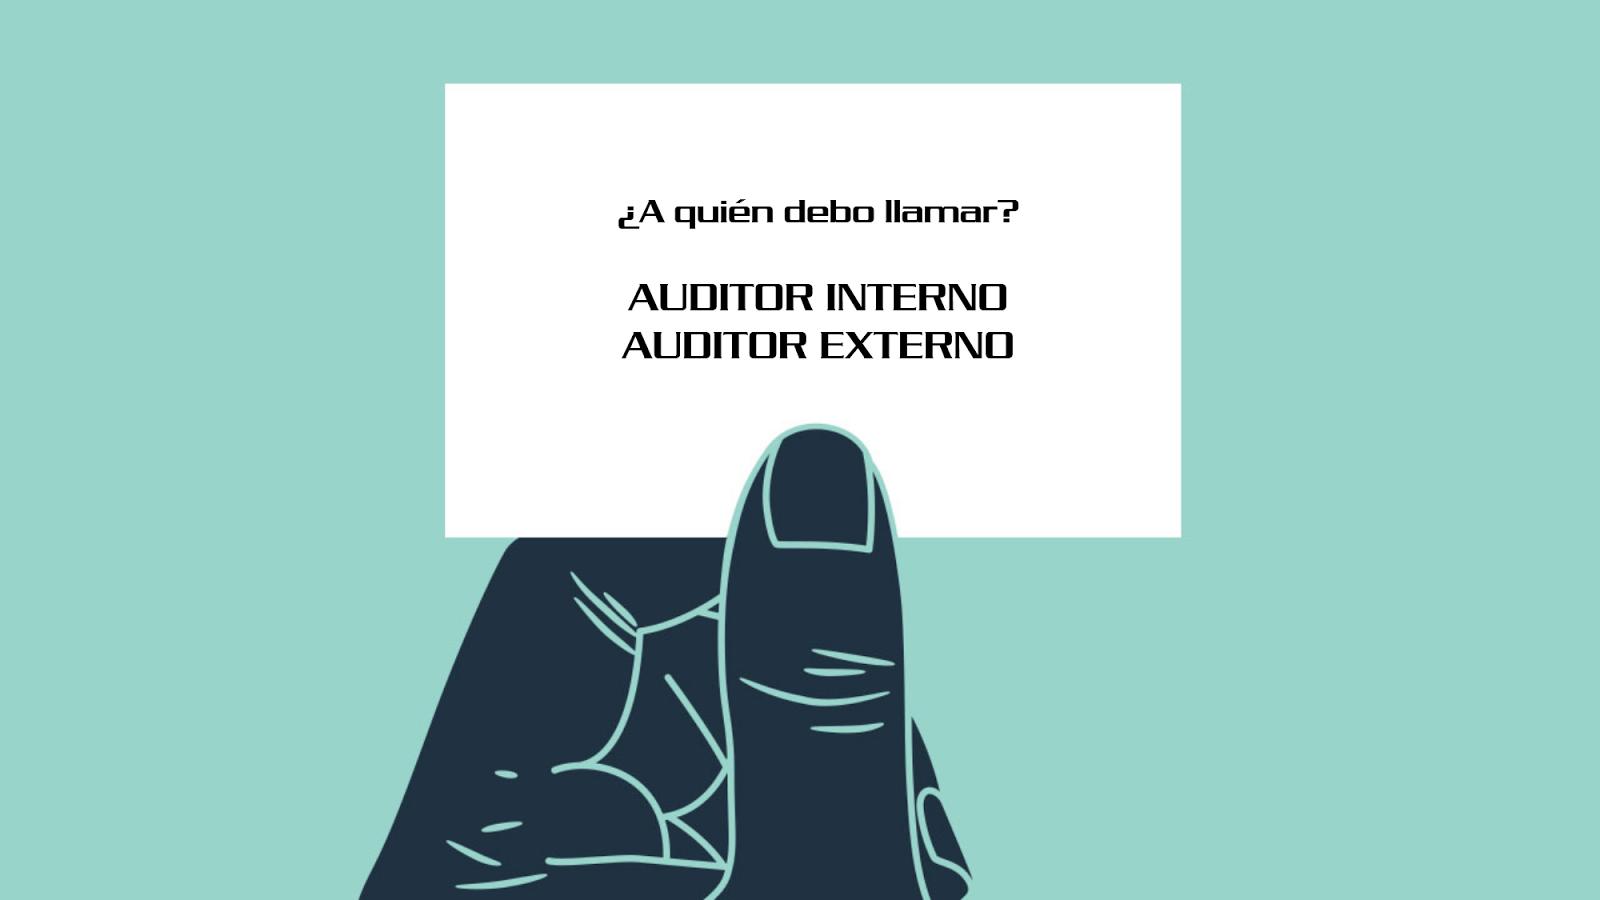 Auditoria Interna y Externa Informatica Auditoría Interna y Externa